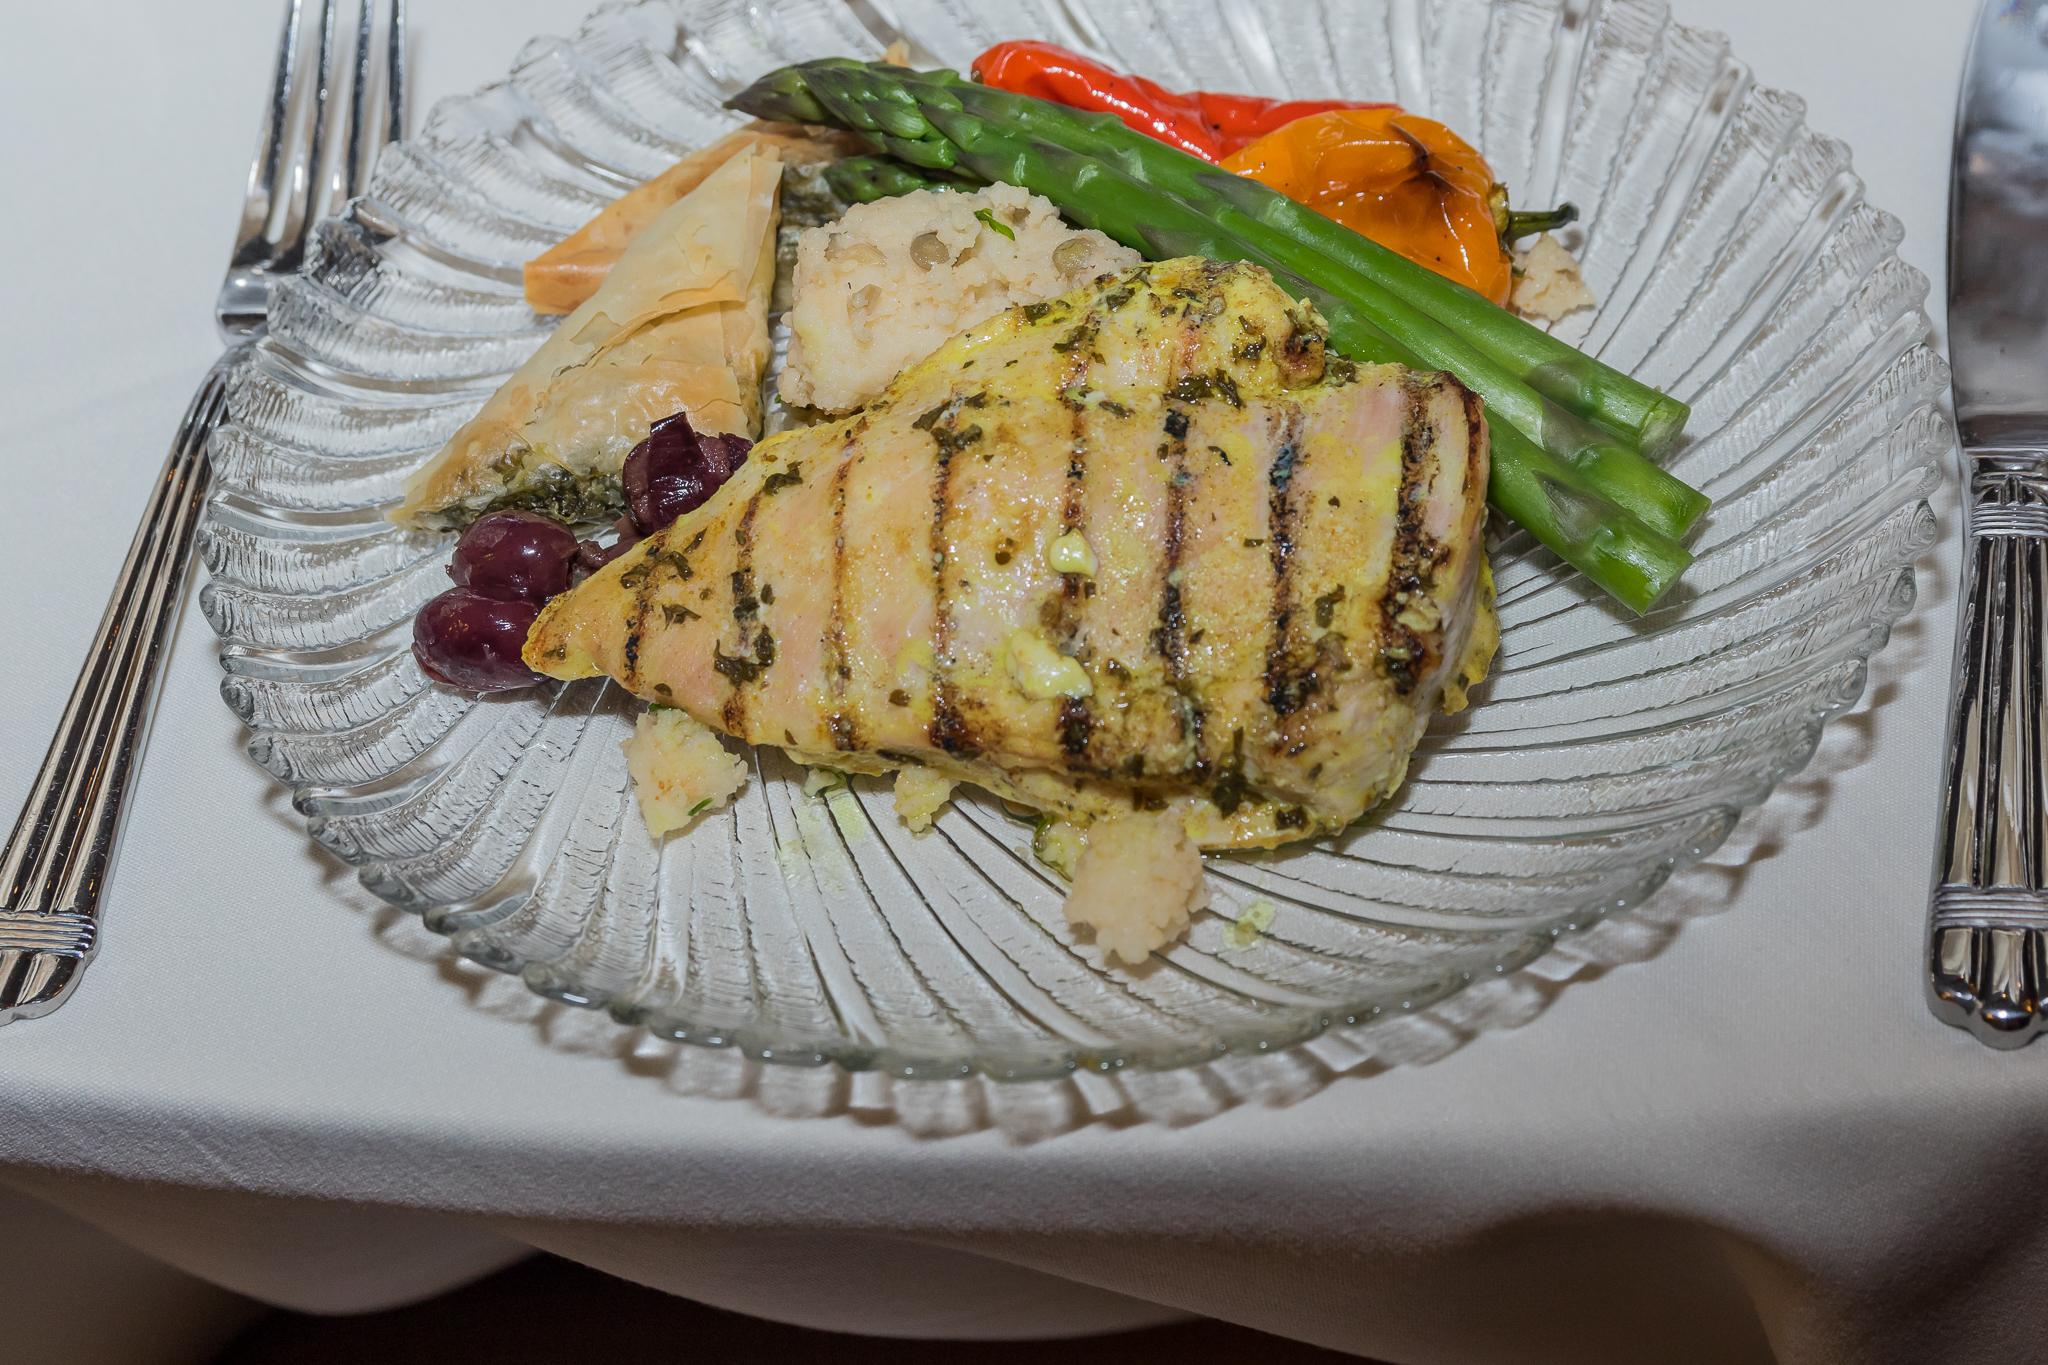 JFS Luncheon 7D L46A8187-3.jpg